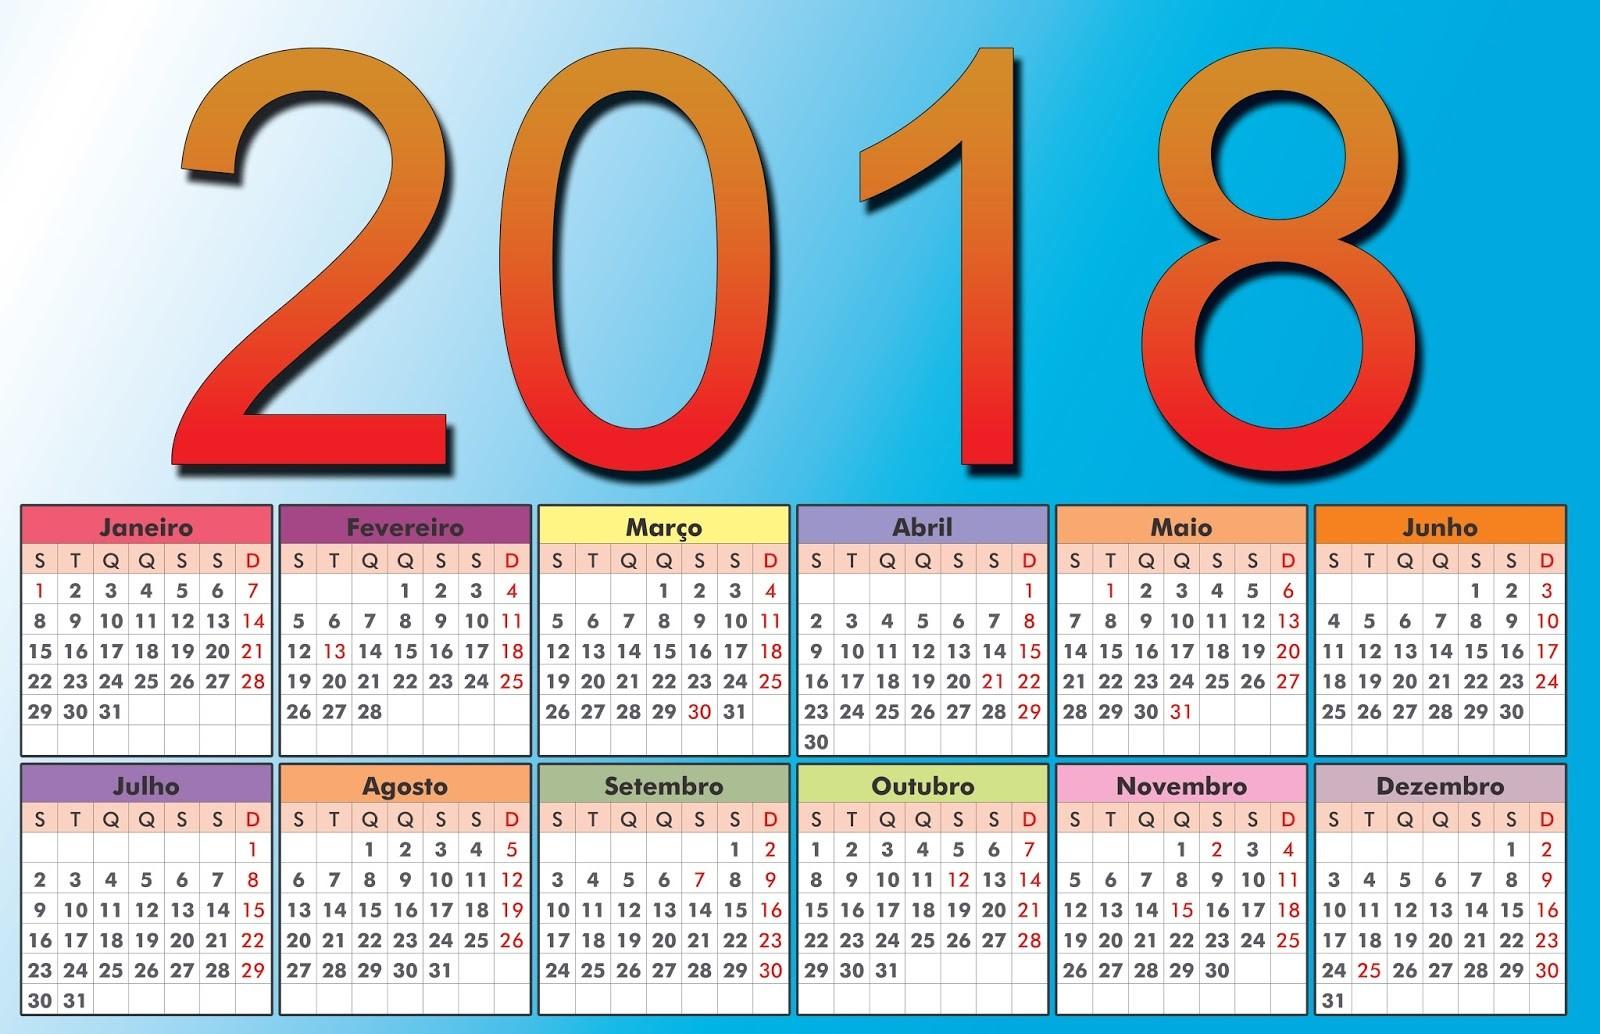 calendario 2018 psdaicdr e pdf spref=bl